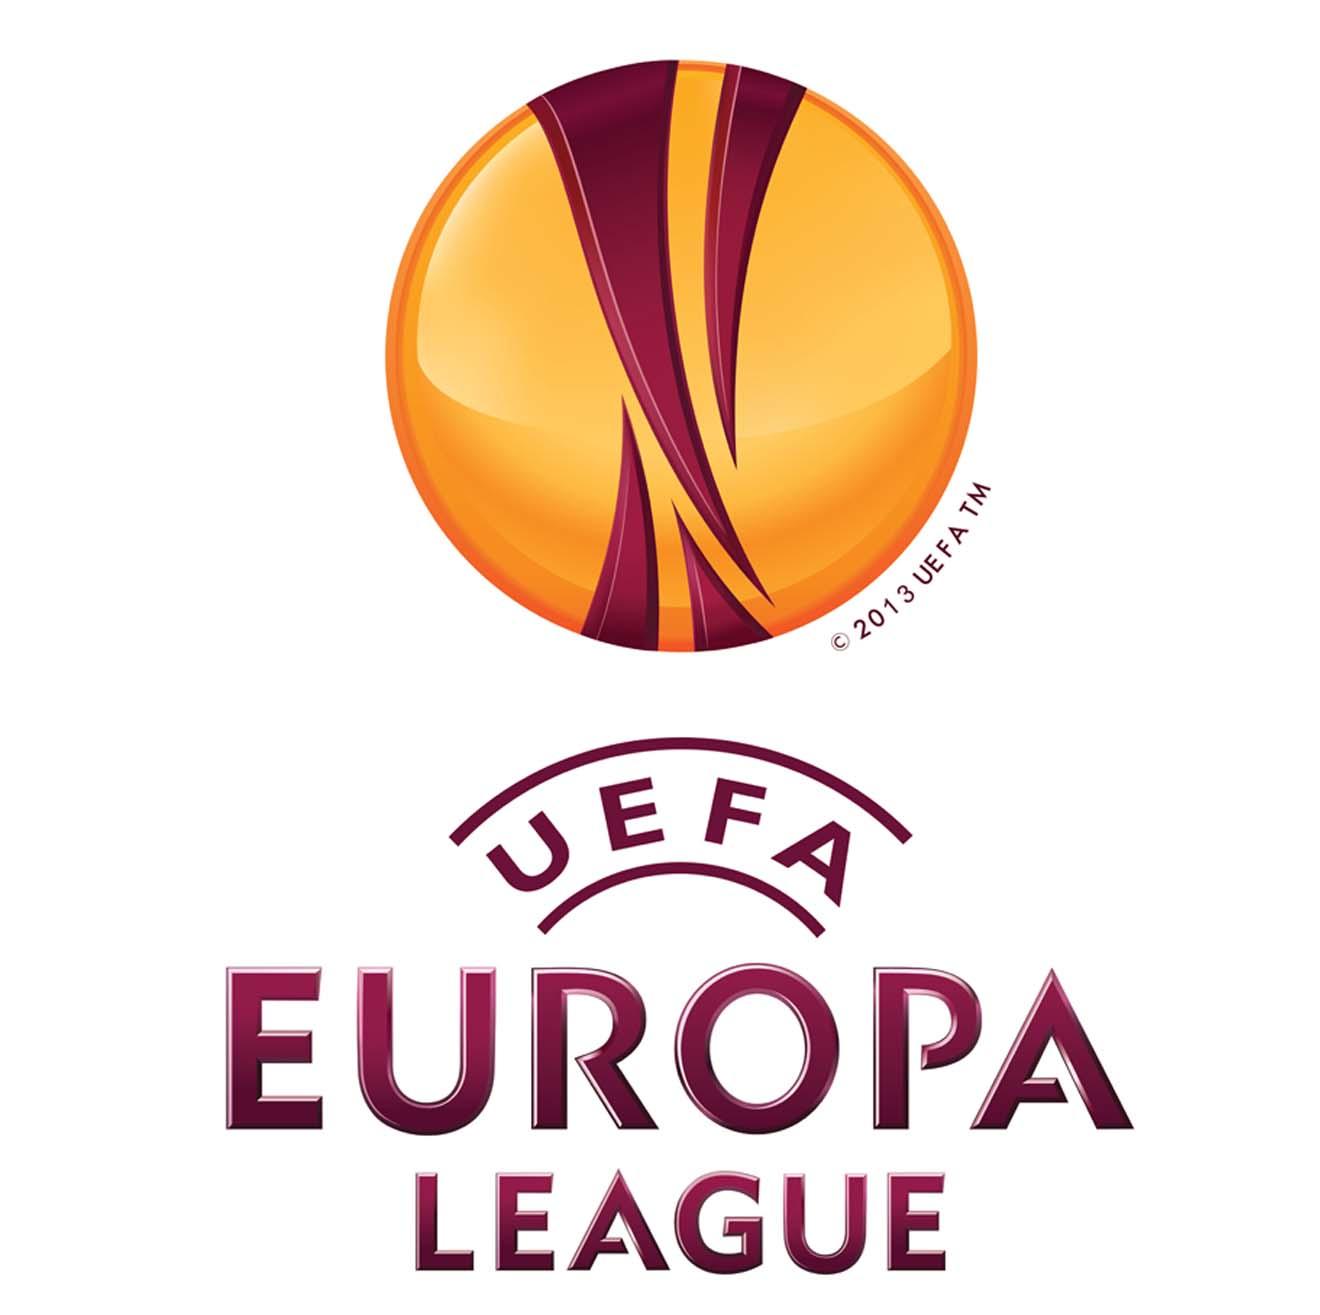 UEFA EUROPA LEAGUE Dogma Central RTA